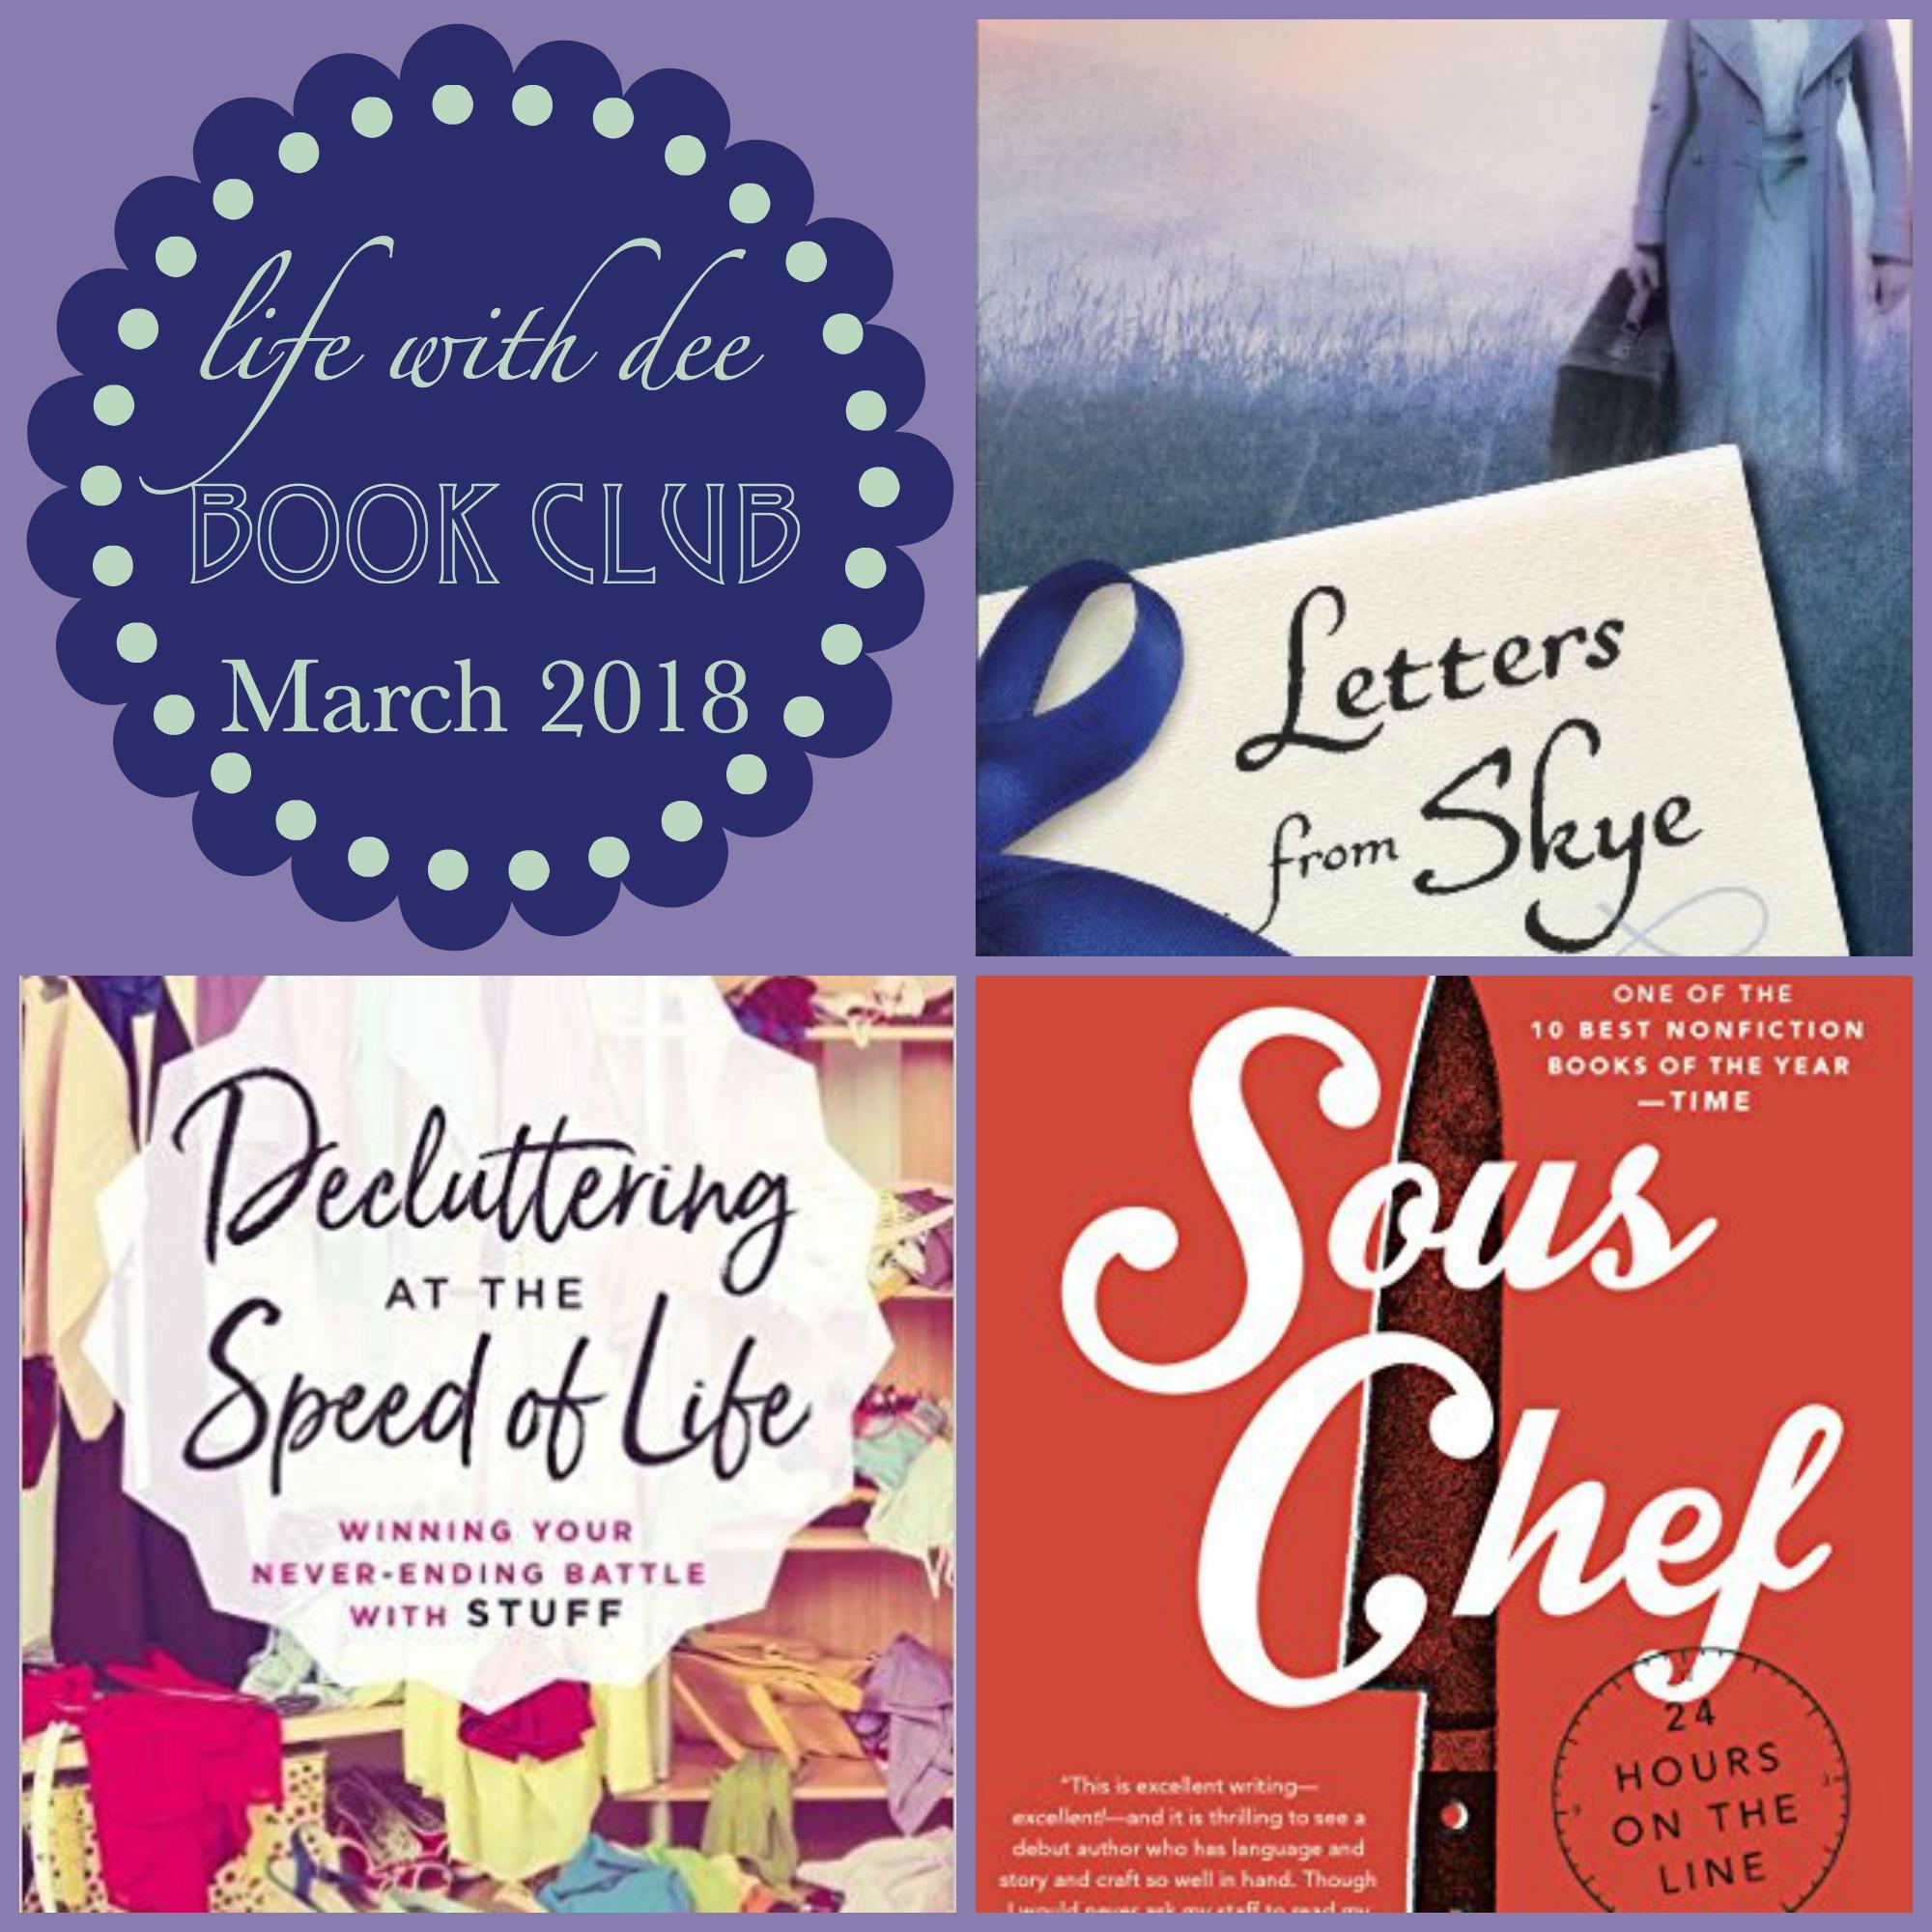 LWD Book Club March 2018